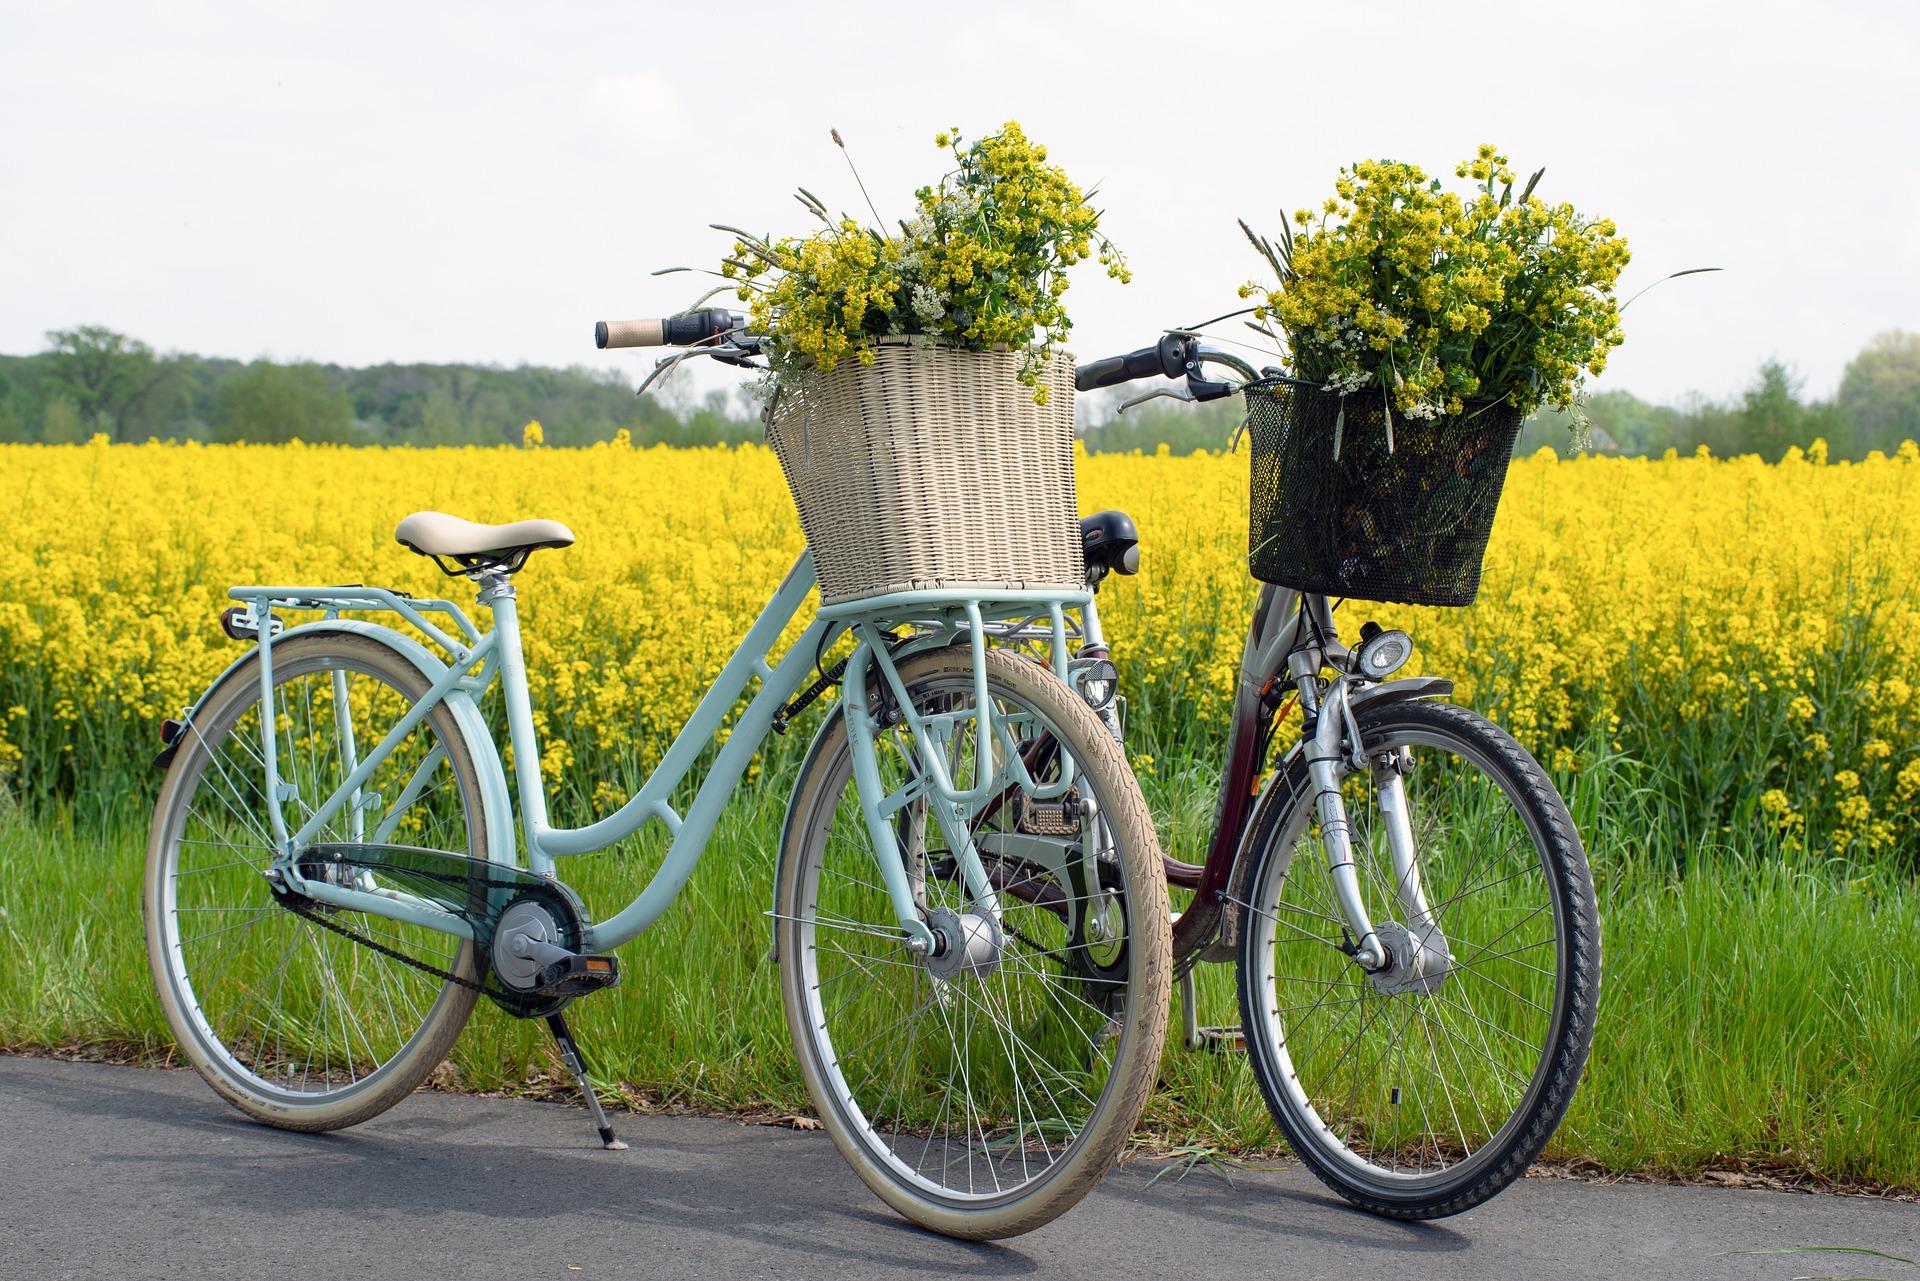 Bild zur Bewerbung der Radtour auf dem zwei Hollandfahrräder mit gelben Blumen in den Körben vor einem Rapsfeld zu sehen ist. © CC0